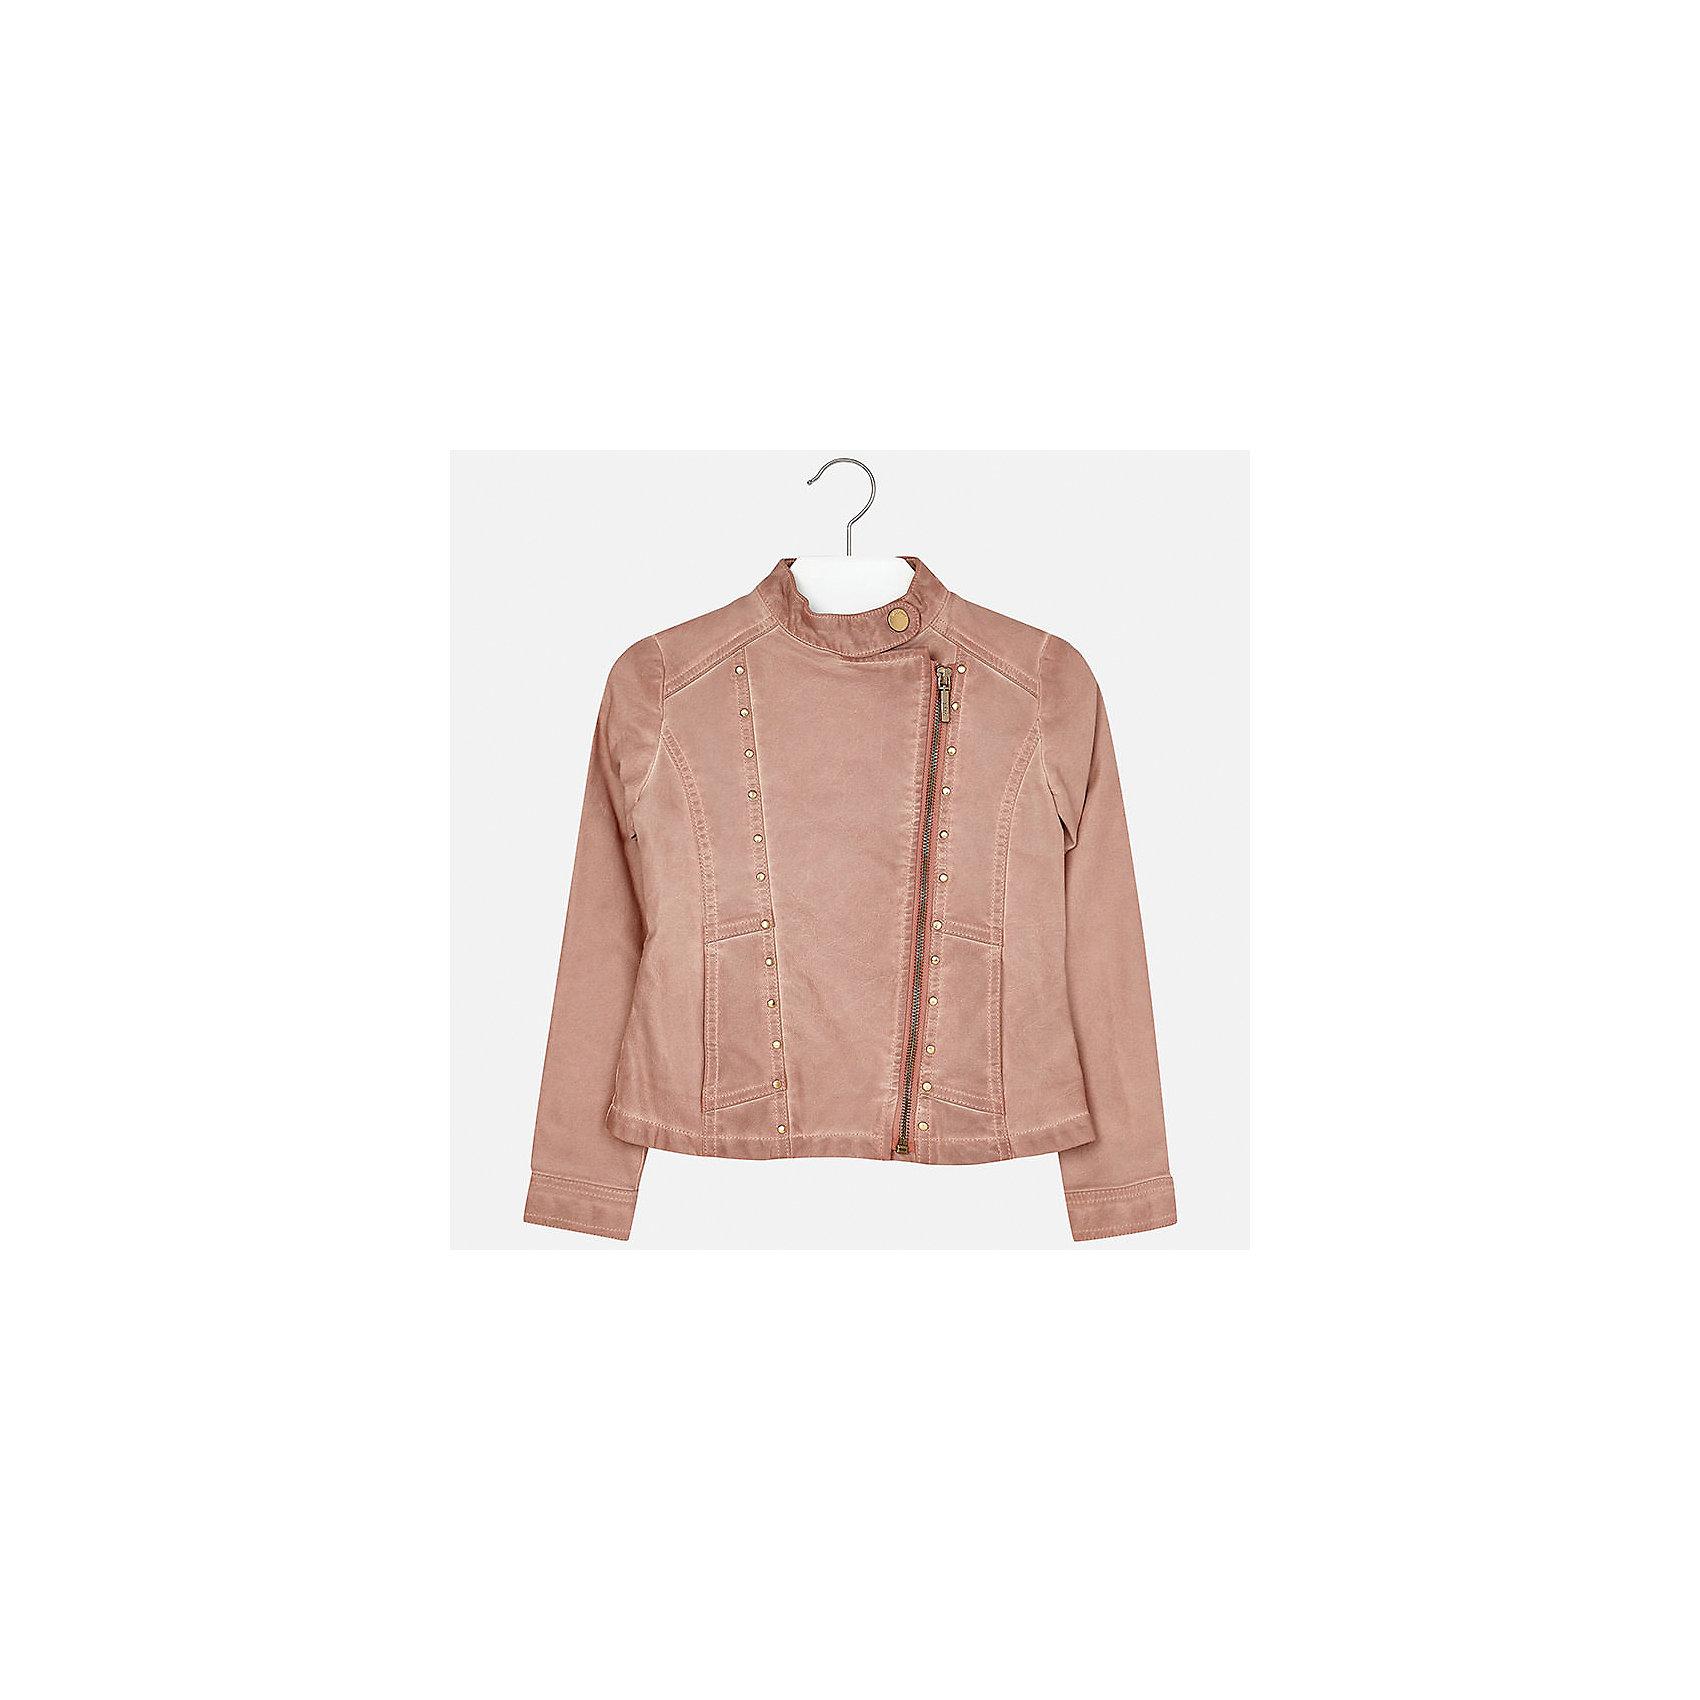 Куртка для девочки MayoralВерхняя одежда<br>Характеристики товара:<br><br>• цвет: розовый<br>• состав: 100% полиуретан, подкладка - 100% полиэстер<br>• косая молния<br>• карманы<br>• с длинными рукавами <br>• металлические элементы на планке<br>• страна бренда: Испания<br><br>Очень стильная куртка для девочки поможет разнообразить гардероб ребенка и украсить наряд. Он отлично сочетается и с юбками, и с брюками. Универсальный цвет позволяет подобрать к вещи низ различных расцветок. Интересная отделка модели делает её нарядной и оригинальной.<br><br>Одежда, обувь и аксессуары от испанского бренда Mayoral полюбились детям и взрослым по всему миру. Модели этой марки - стильные и удобные. Для их производства используются только безопасные, качественные материалы и фурнитура. Порадуйте ребенка модными и красивыми вещами от Mayoral! <br><br>Куртку для девочки от испанского бренда Mayoral (Майорал) можно купить в нашем интернет-магазине.<br><br>Ширина мм: 356<br>Глубина мм: 10<br>Высота мм: 245<br>Вес г: 519<br>Цвет: розовый<br>Возраст от месяцев: 168<br>Возраст до месяцев: 180<br>Пол: Женский<br>Возраст: Детский<br>Размер: 170,140,128/134,152,158,164<br>SKU: 5292863